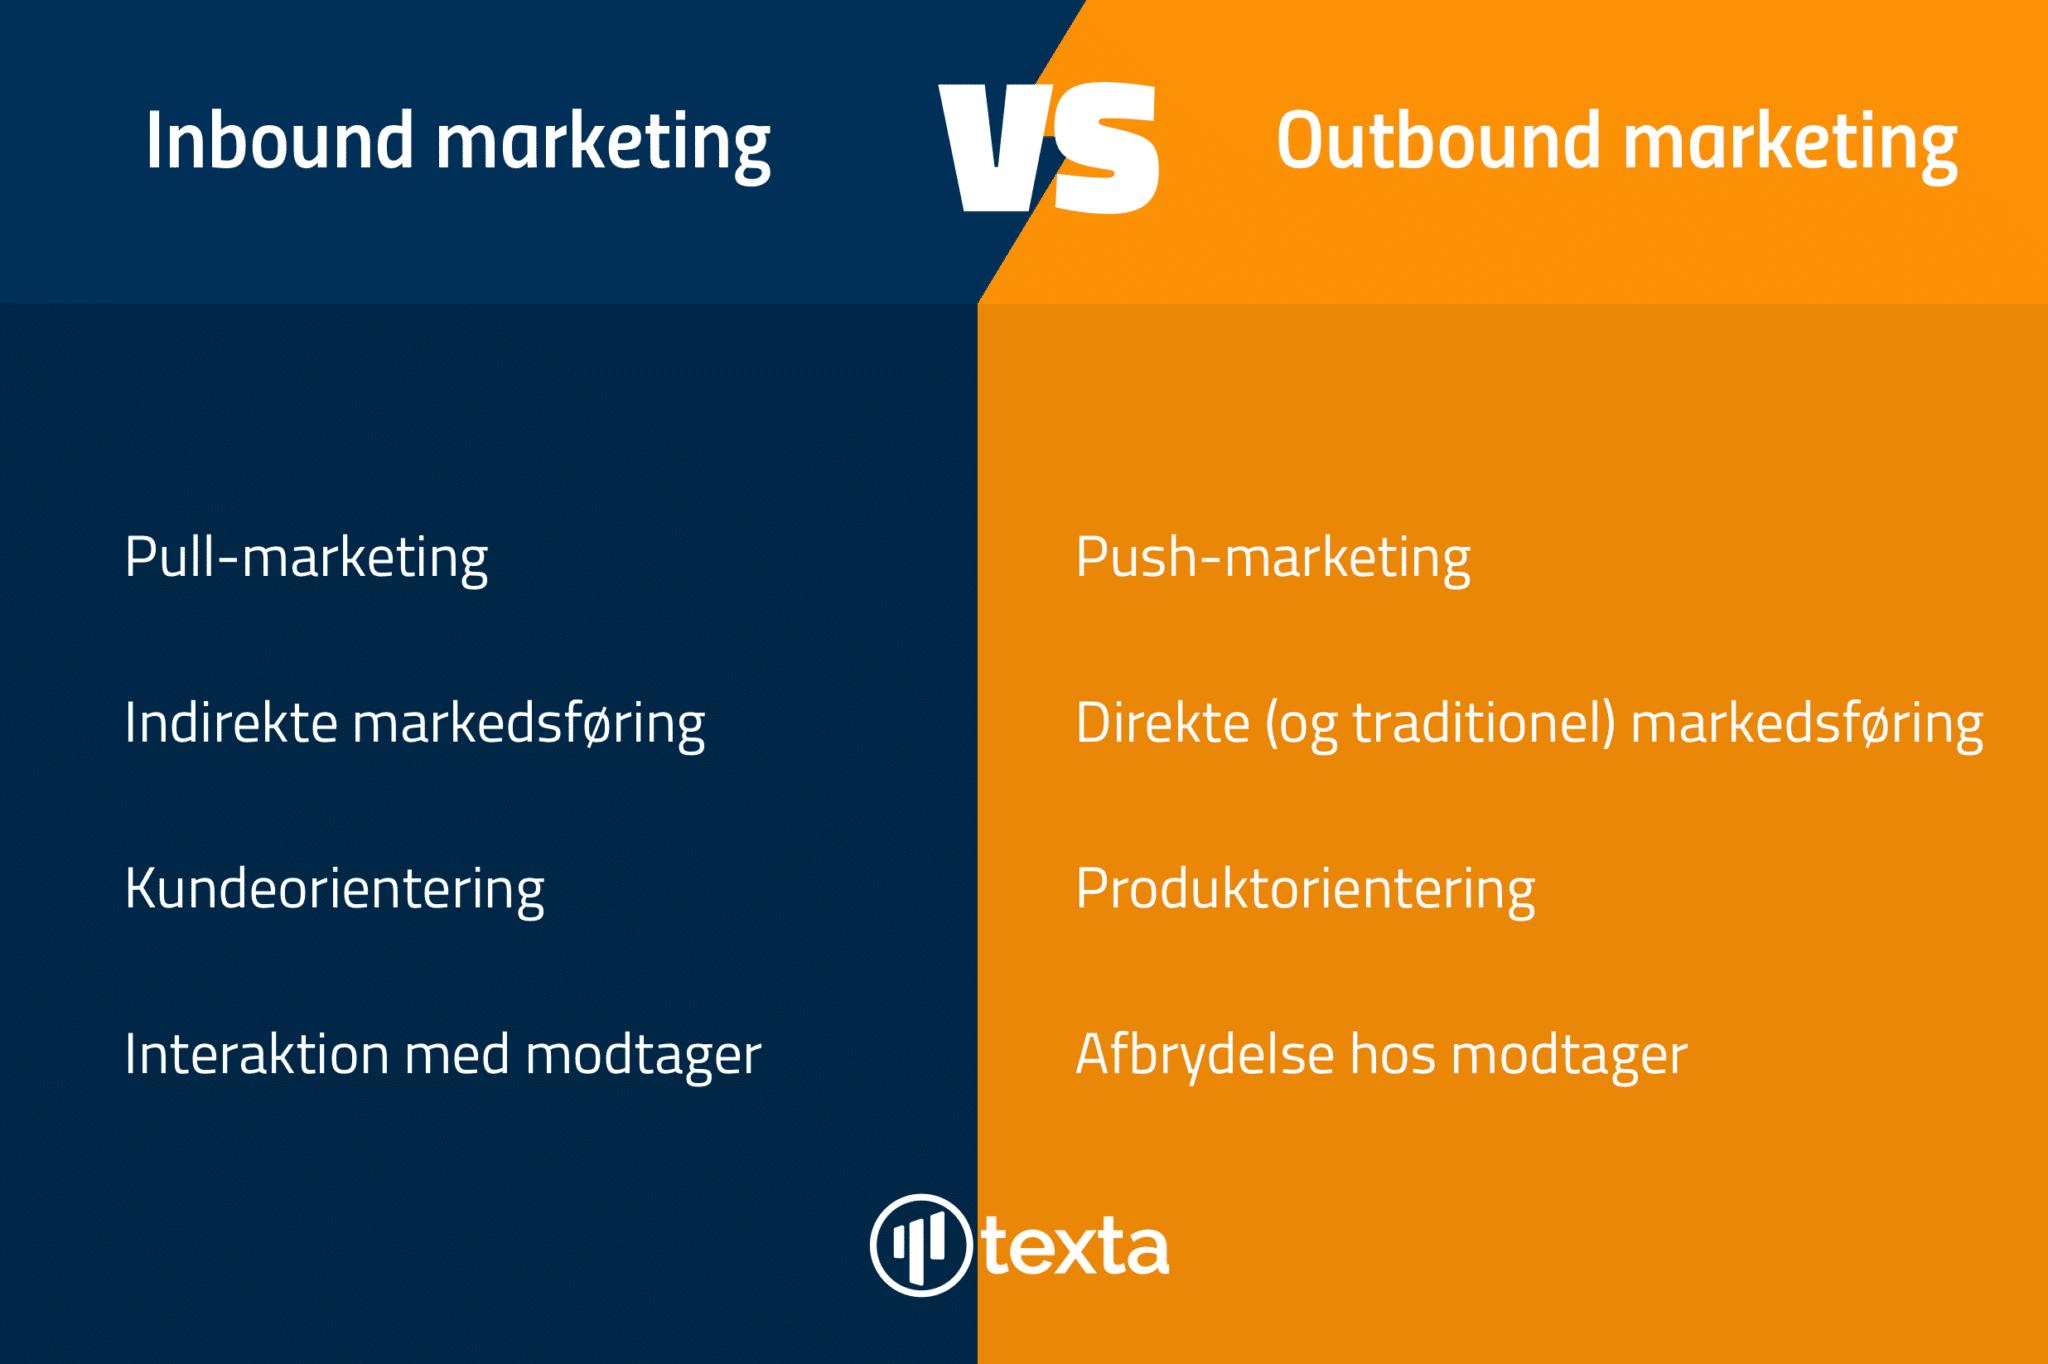 Inbound marketing - Inbound vs. outbound